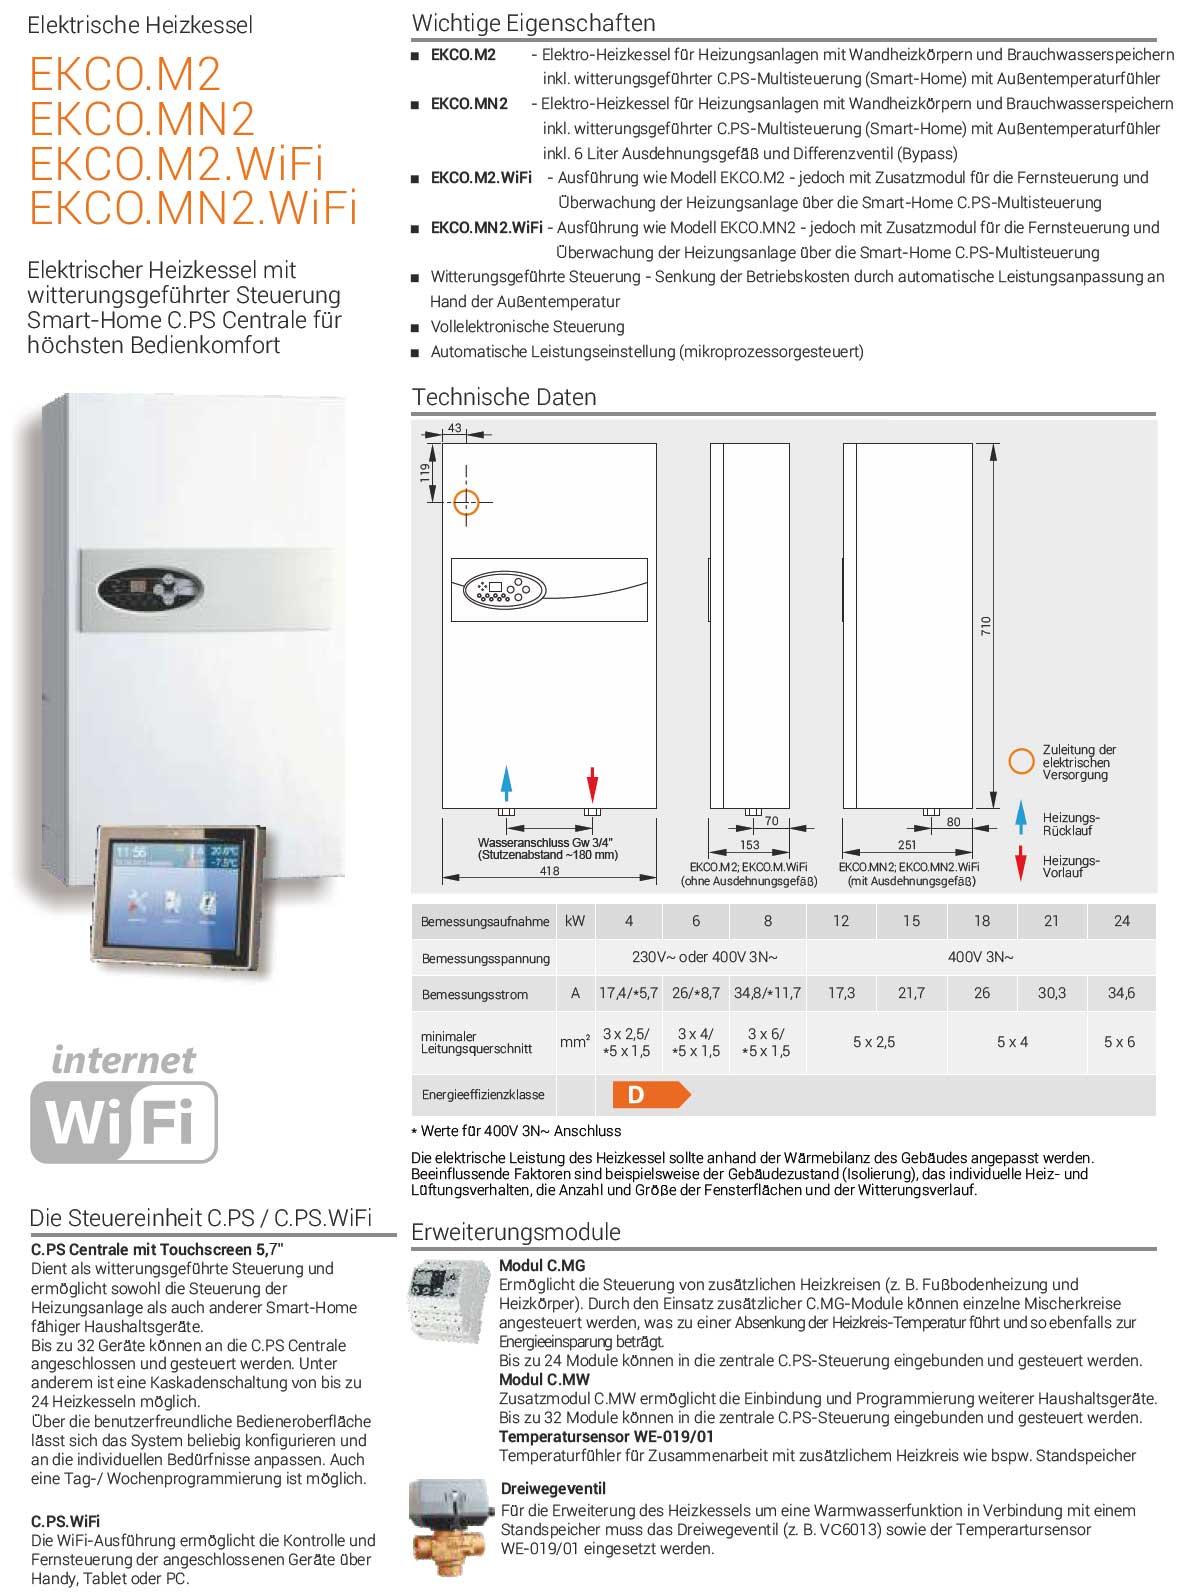 heizkessel ekco mn2 wifi 12 kw witterungsgef hrt mit cp s kospel gro und einzelhandel. Black Bedroom Furniture Sets. Home Design Ideas